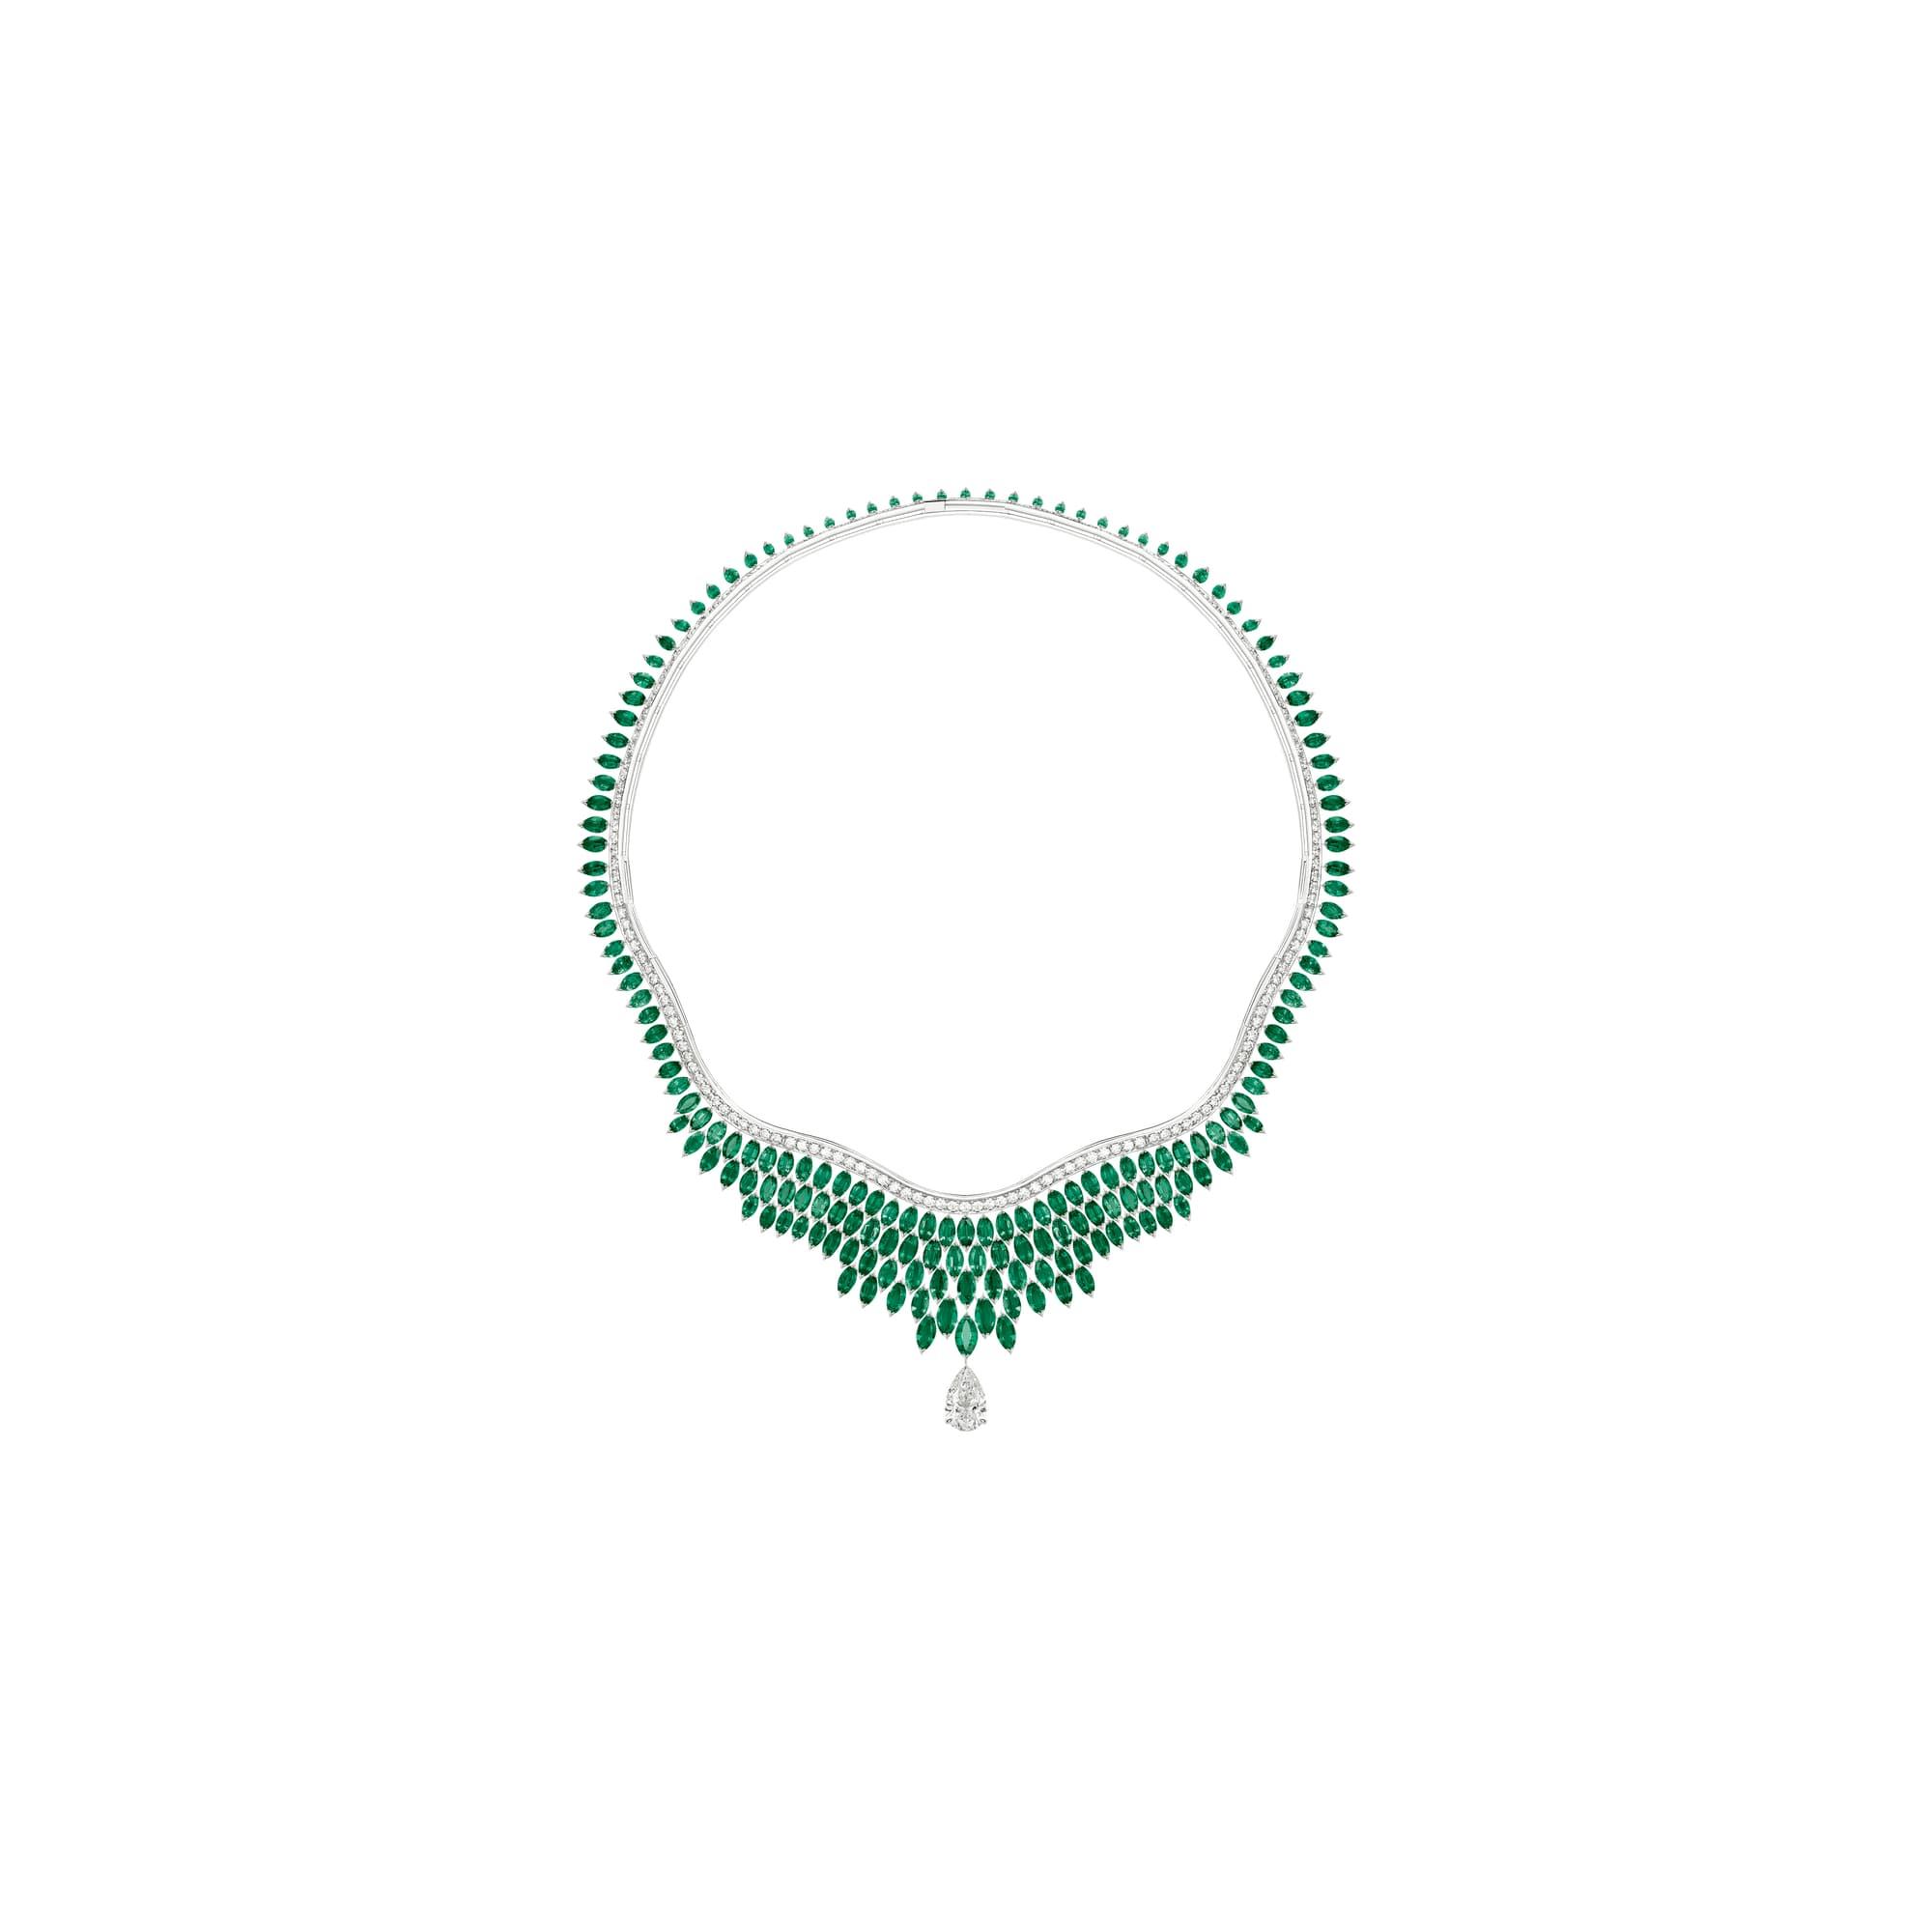 에메랄드 장식의 하이 주얼리 다이아몬드 네크리스